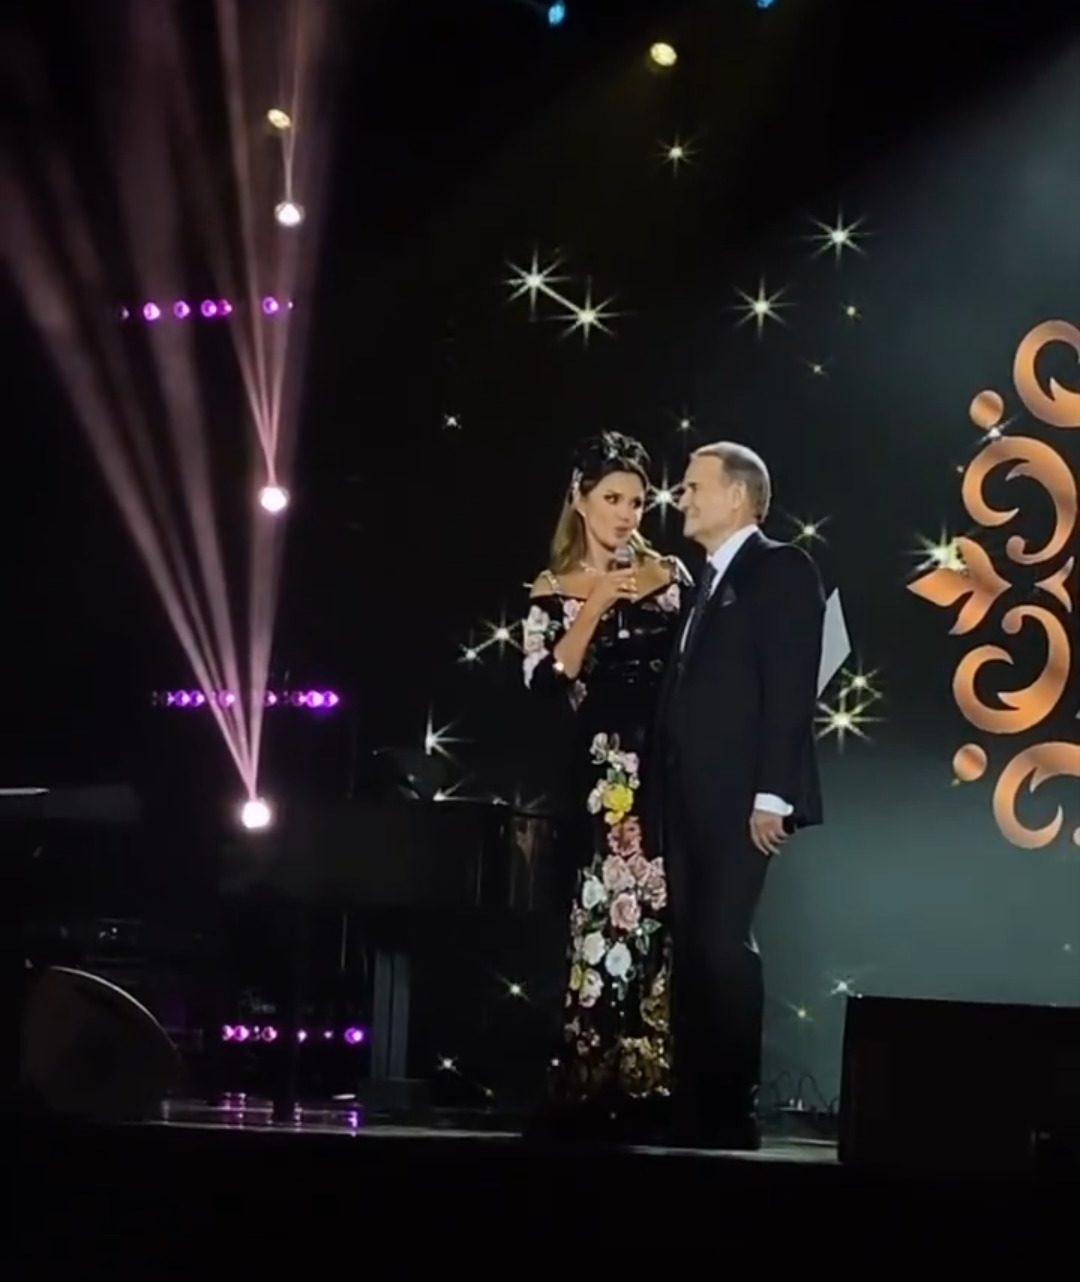 Оксана марченко и медведчук свадьба